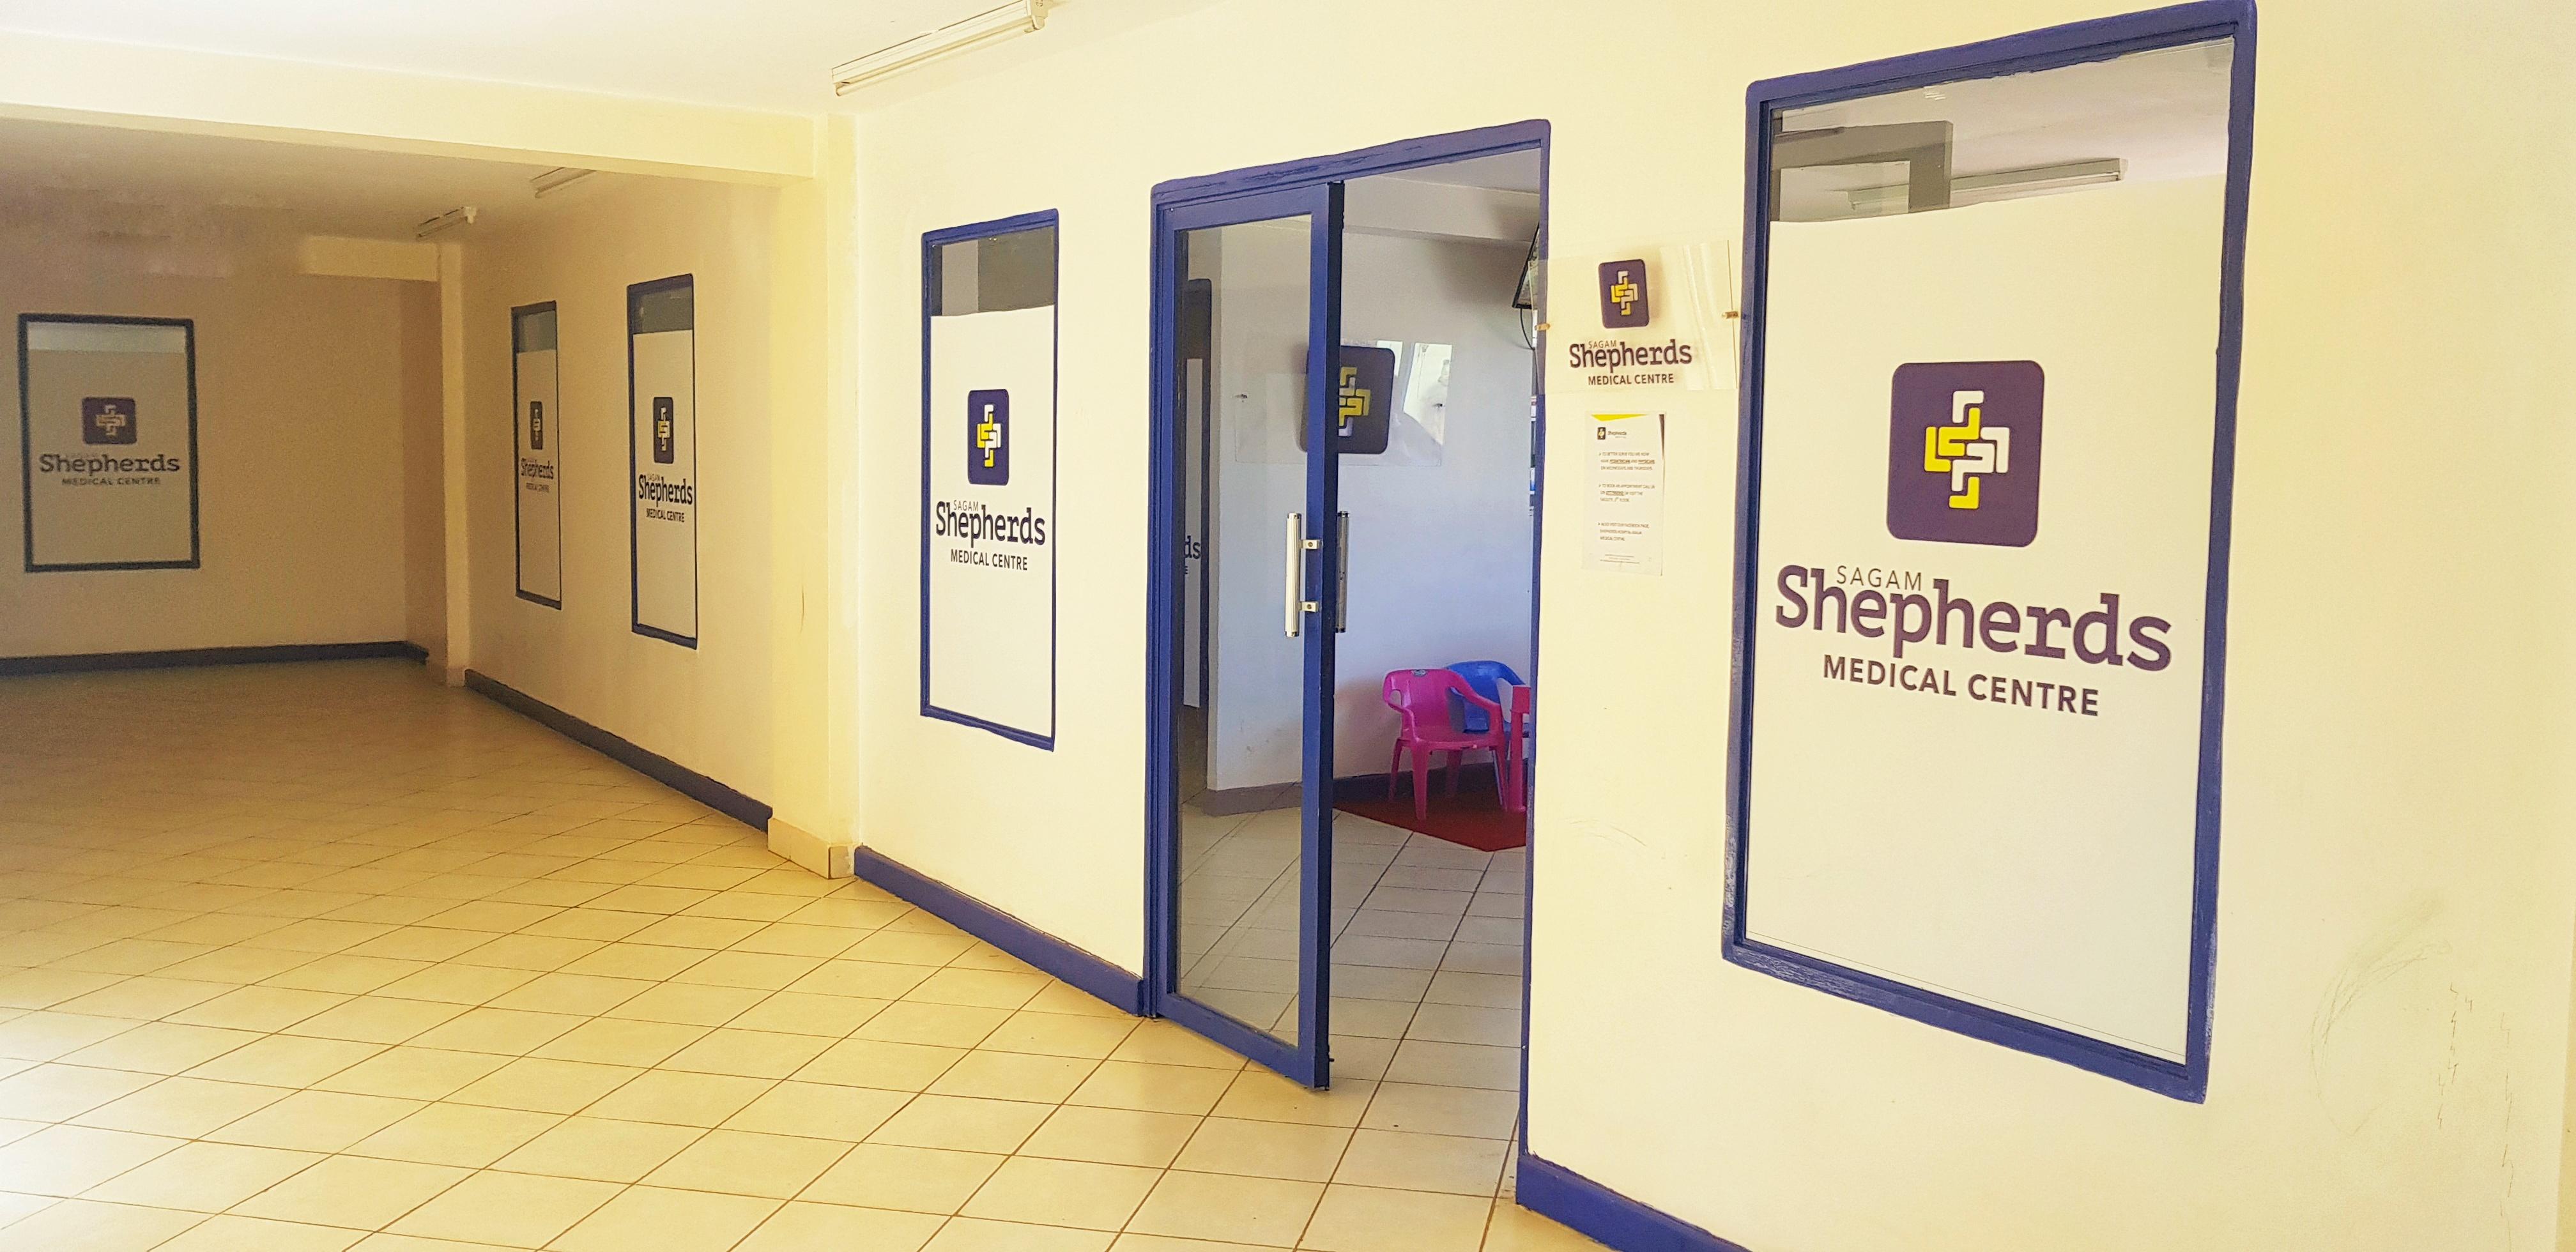 Shepherds Hospital (Maua Medical Center)